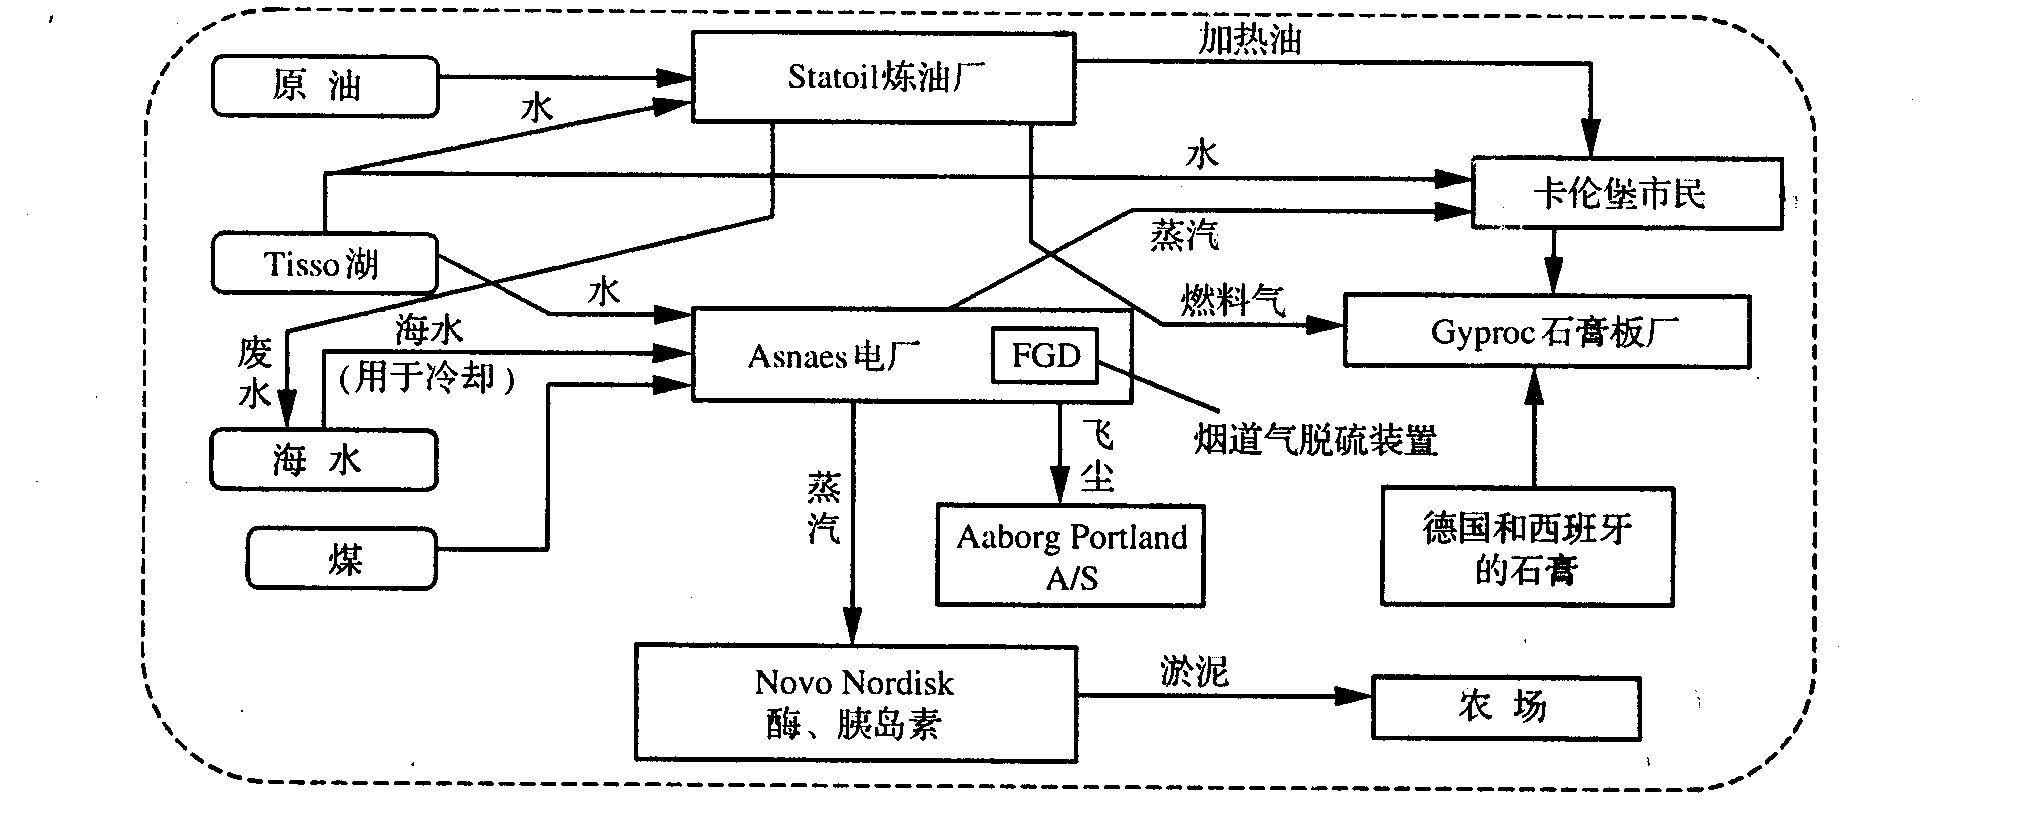 该系统包括一个发电厂,炼油厂,生物工程公司;塑料板厂,硫酸厂,水泥厂